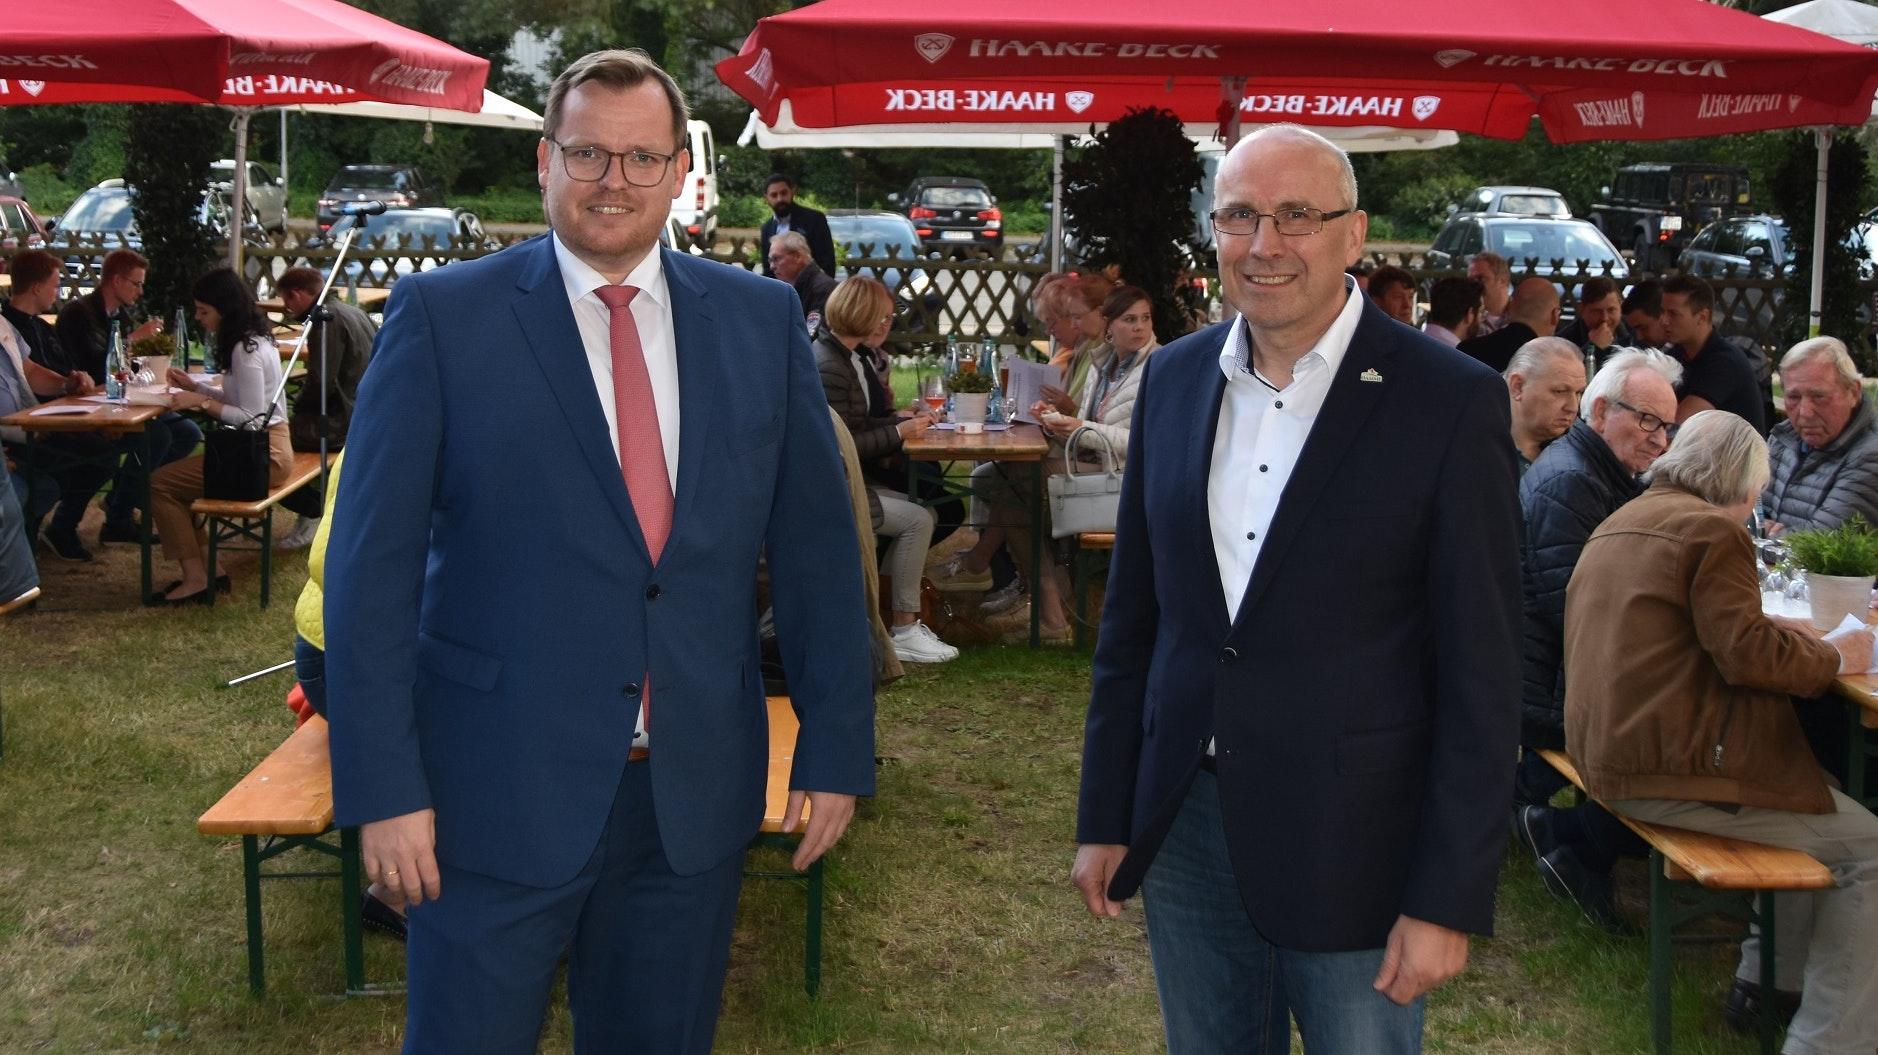 Politischer Austausch: (von links) Der CDU-Stadtverbandsvorsitzende Philip Wilming und der Dammer Bürgermeister Gerd Muhle. Foto: Tzimurtas